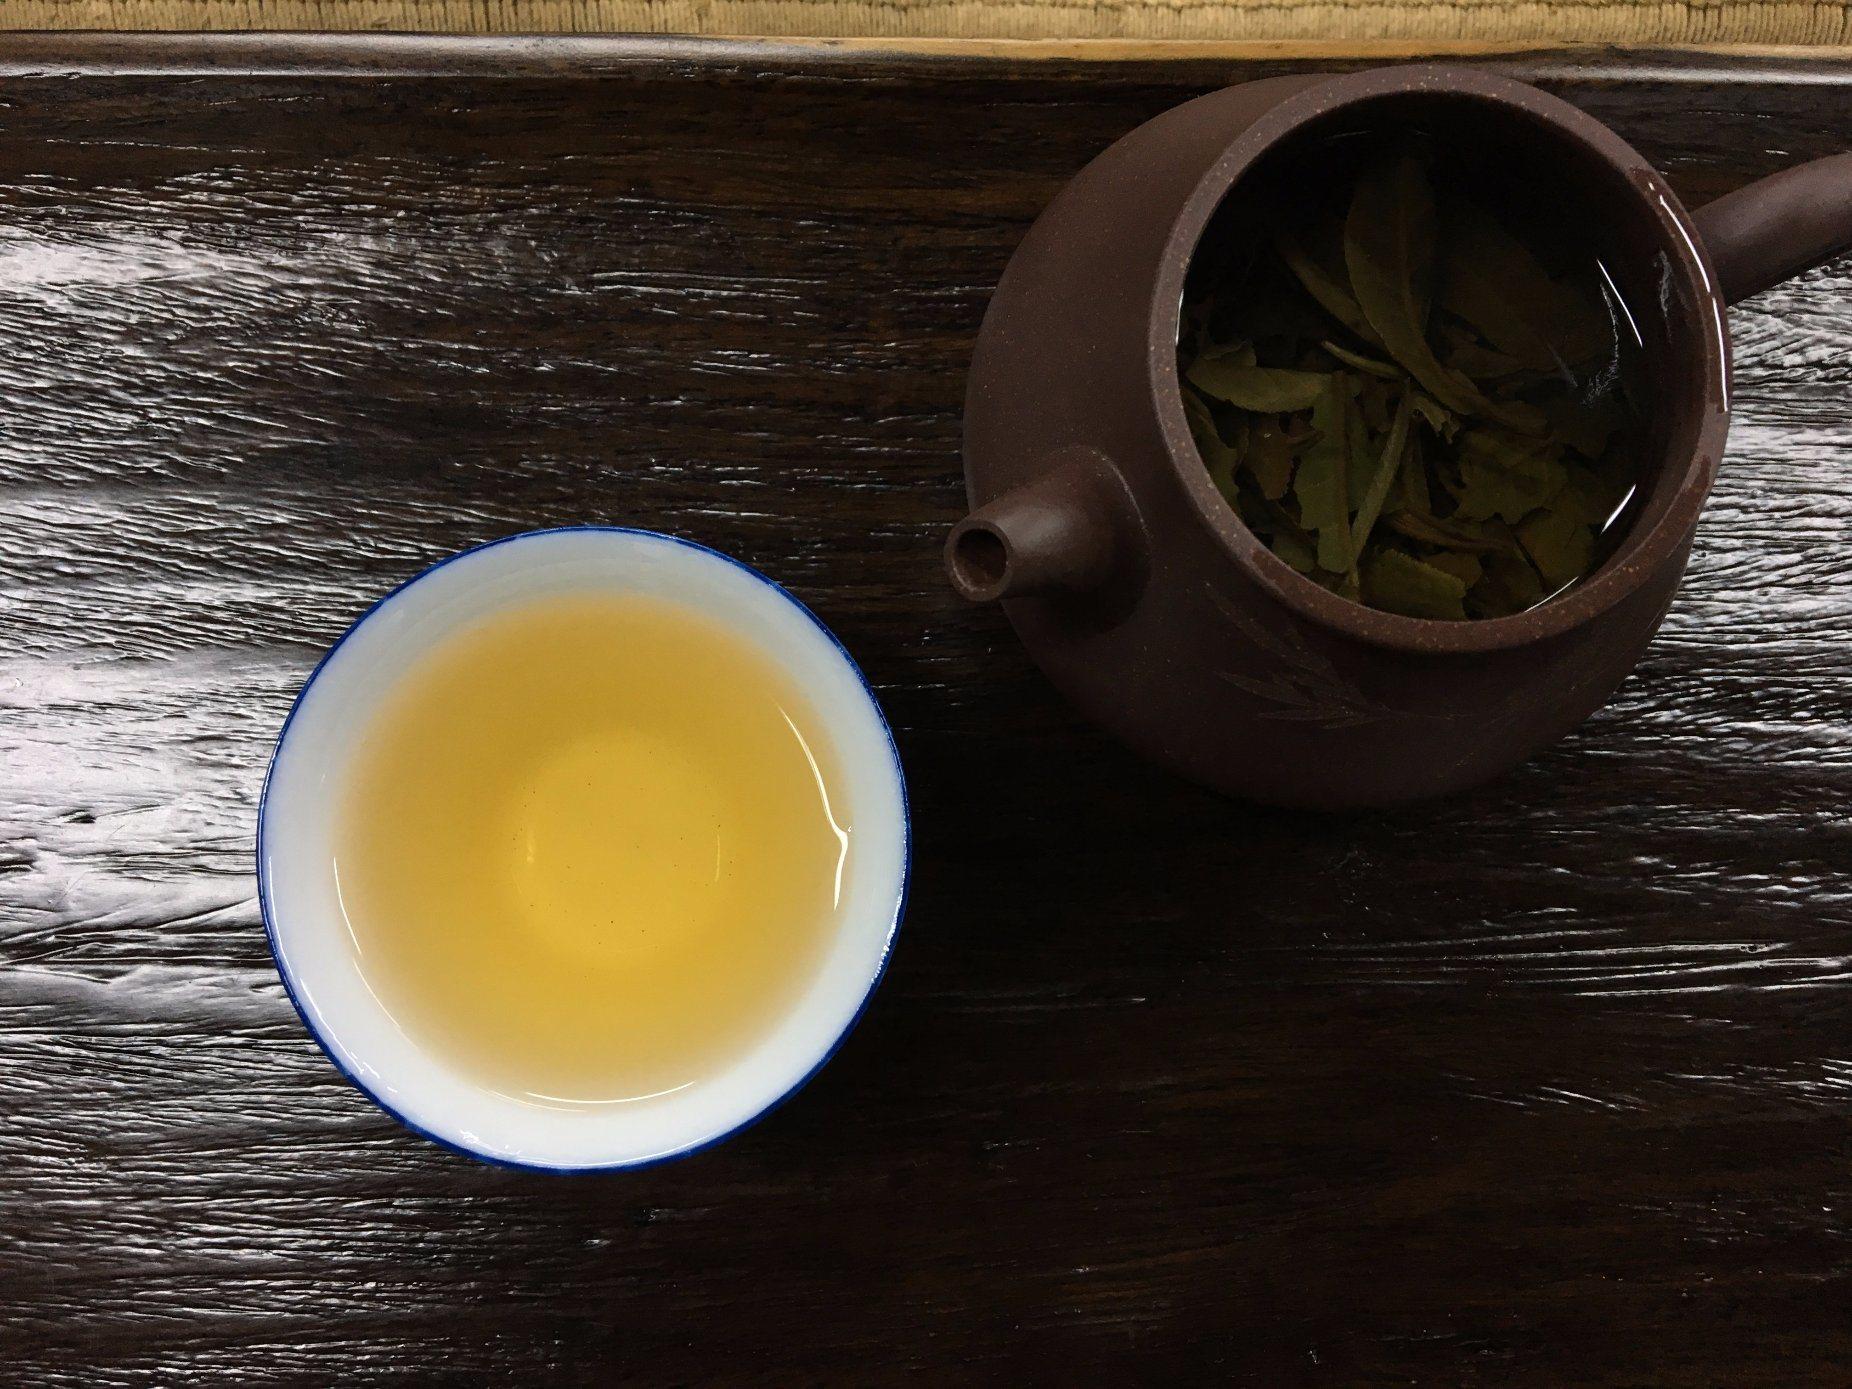 China Tea EU Standard White Penoy Chinese White Tea